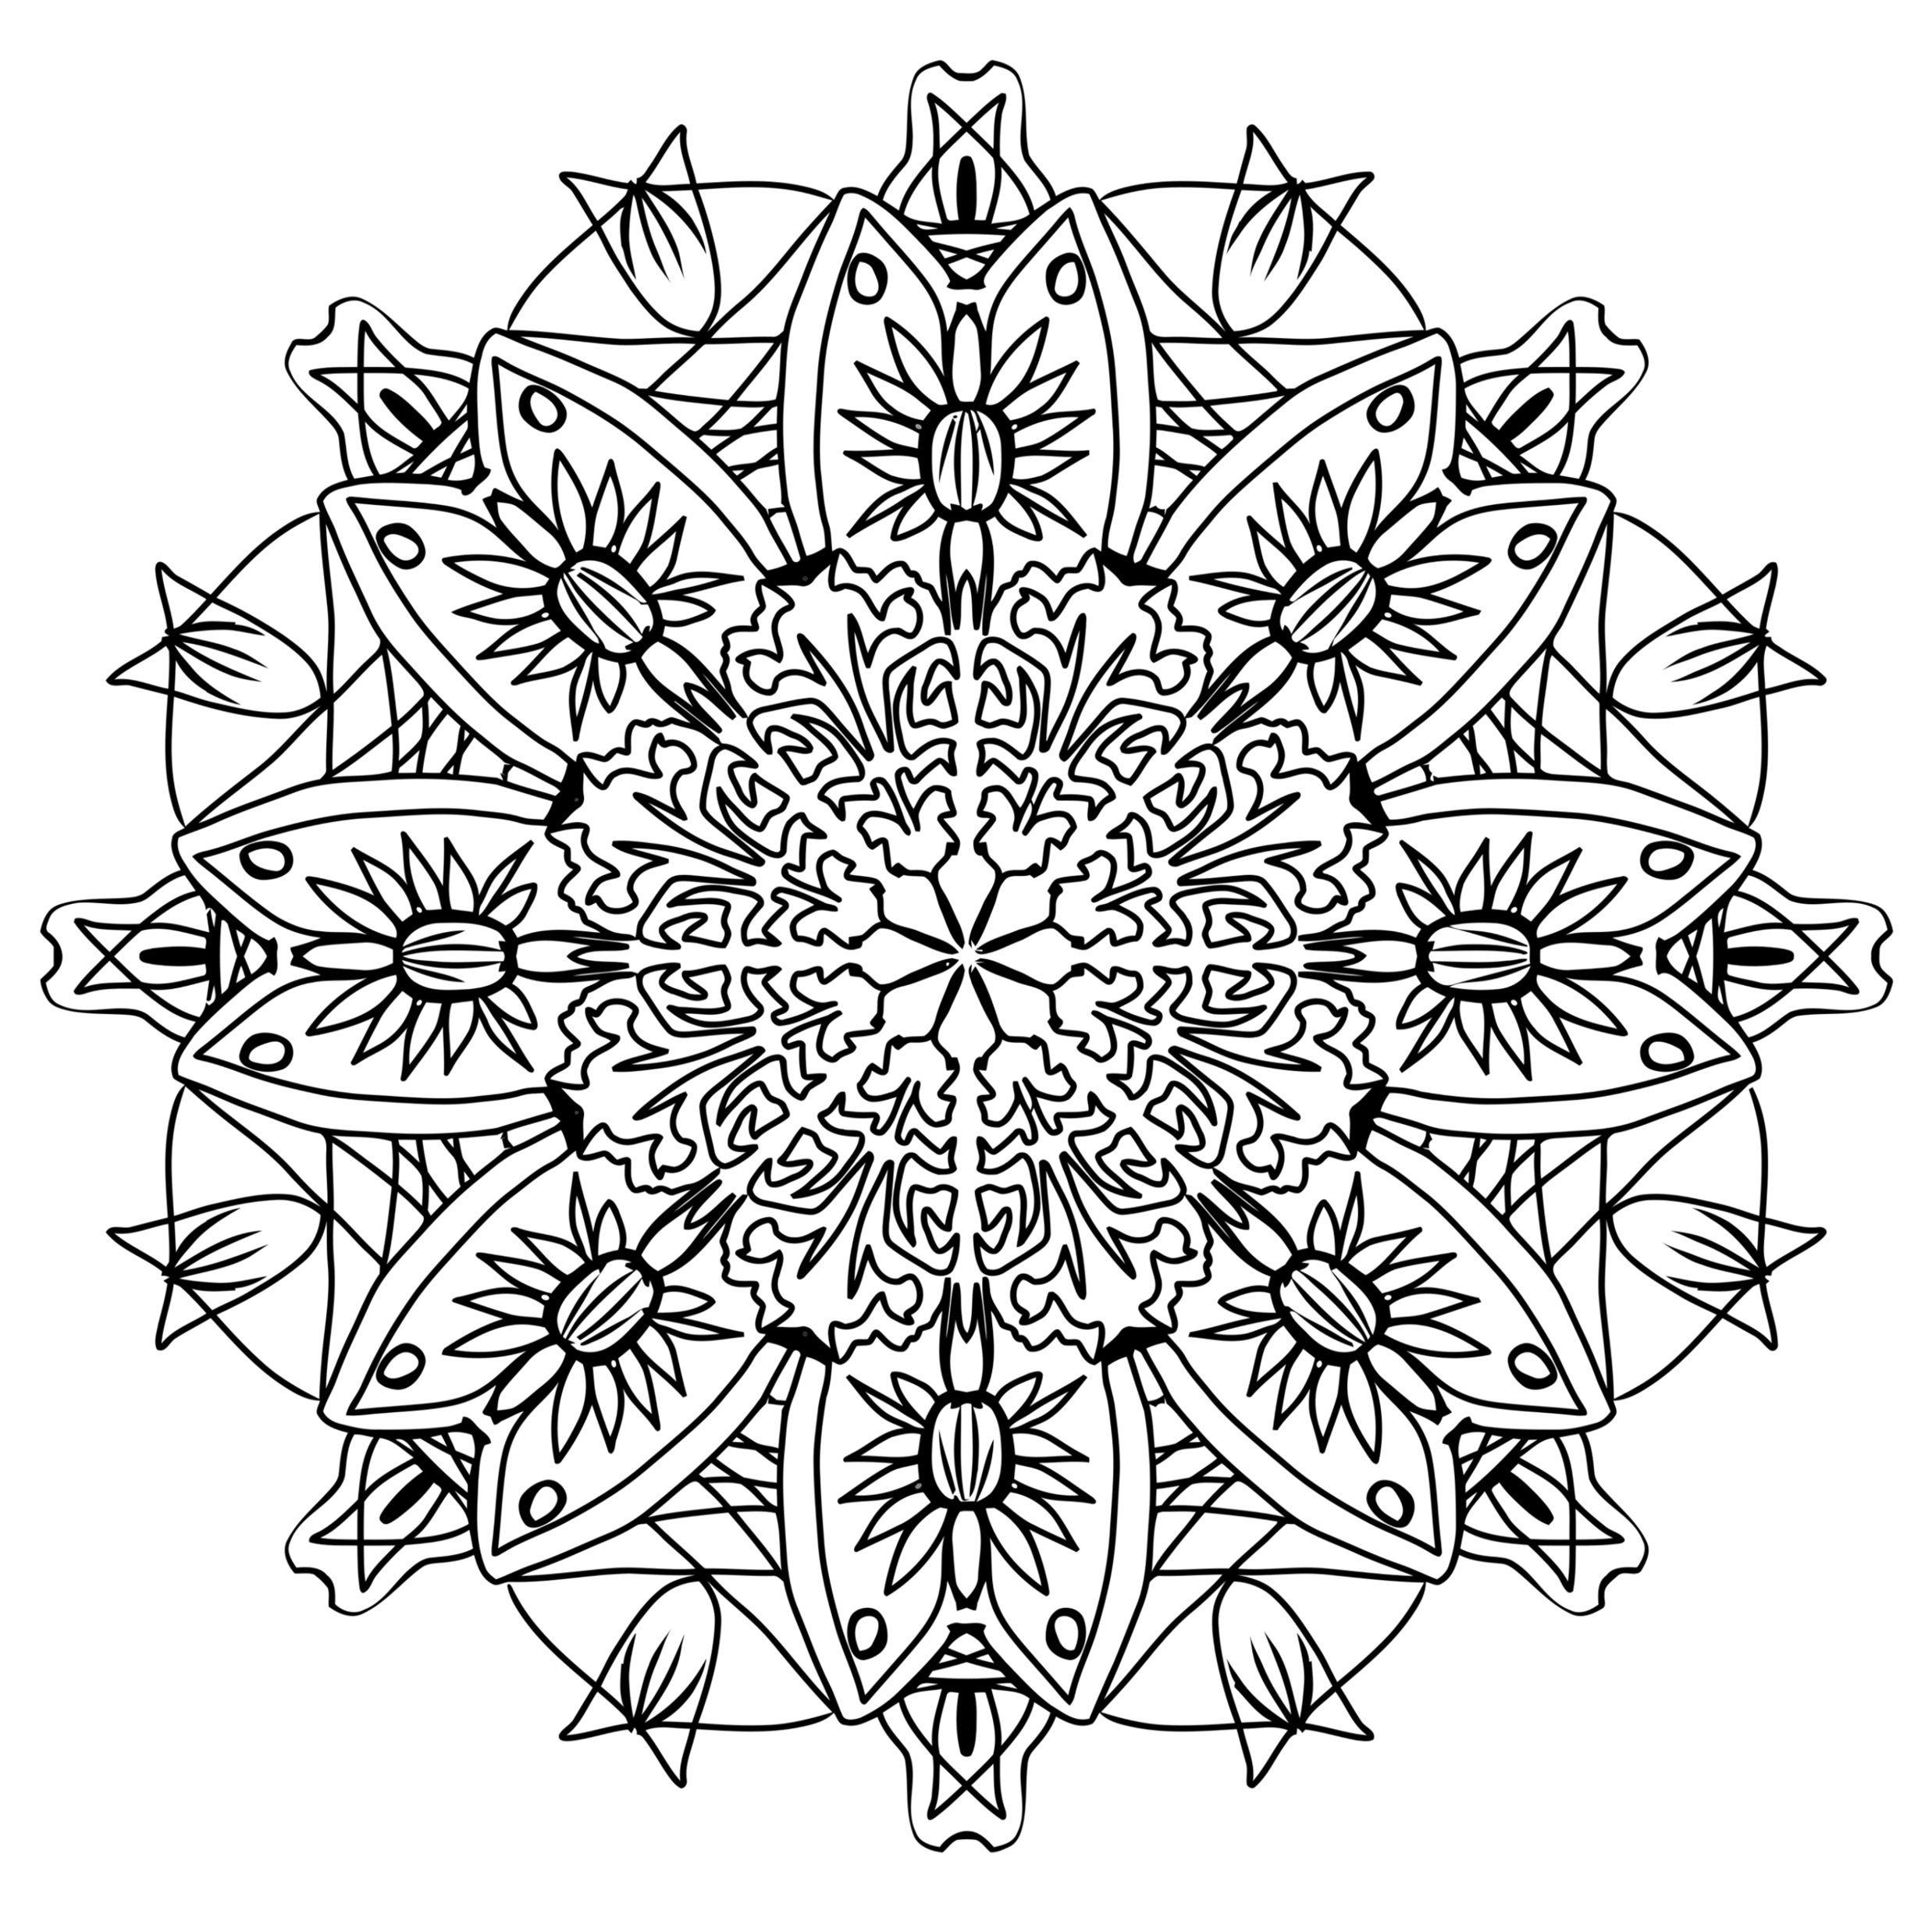 Kostenlose Mandalavorlagen herunterladen. #Mandala #Vorlage ...